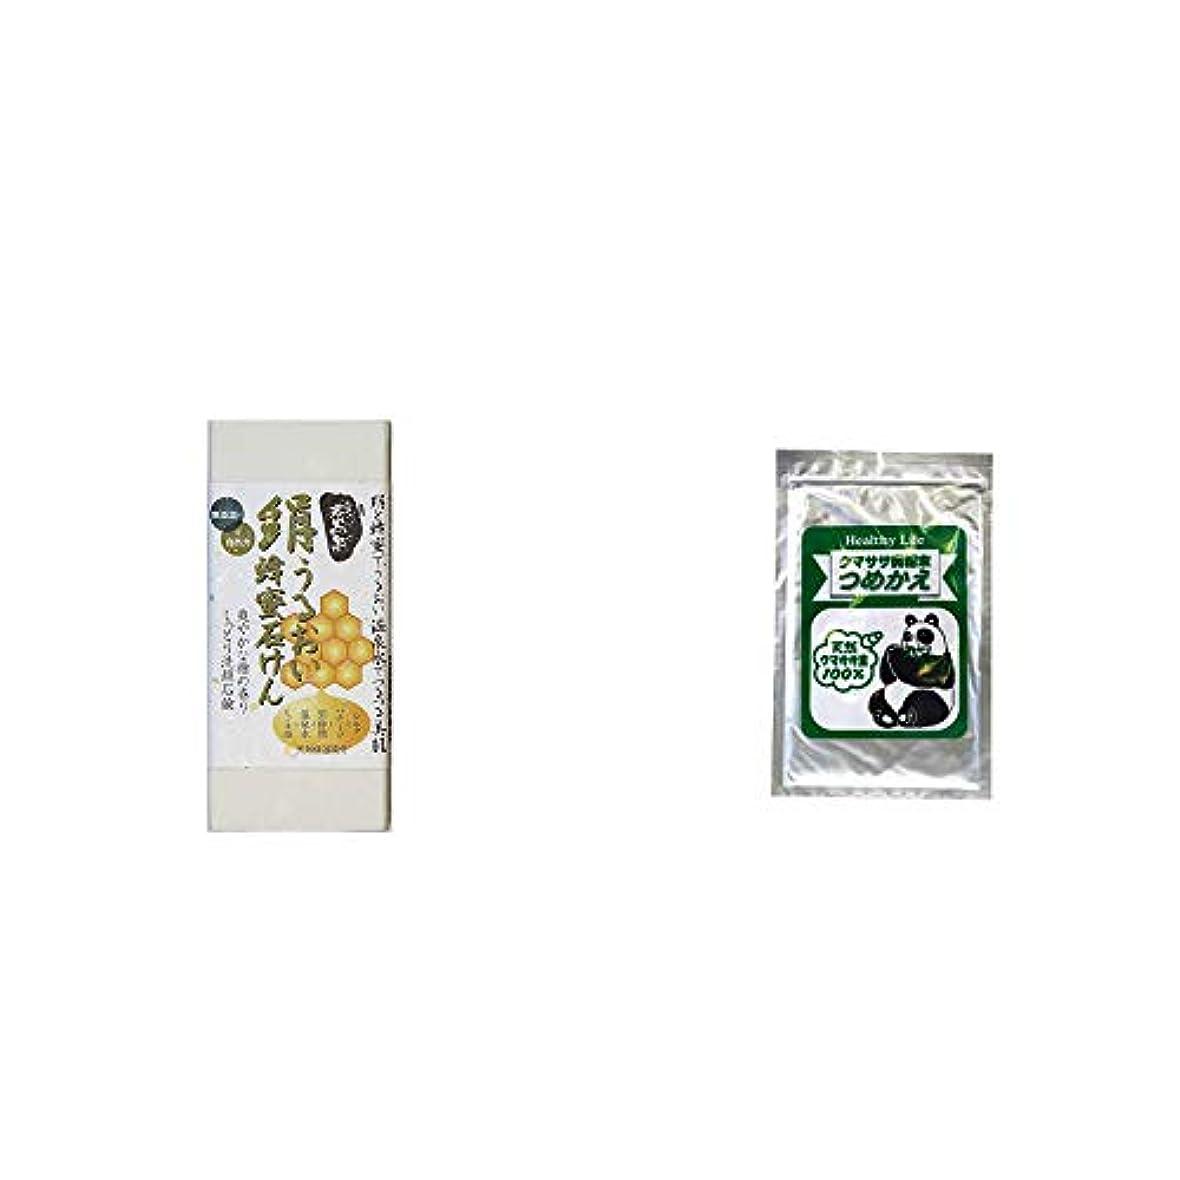 干ばつホールドオール隠す[2点セット] ひのき炭黒泉 絹うるおい蜂蜜石けん(75g×2)?木曽産 熊笹100% クマササ微粉末 詰め替え用 (60g)